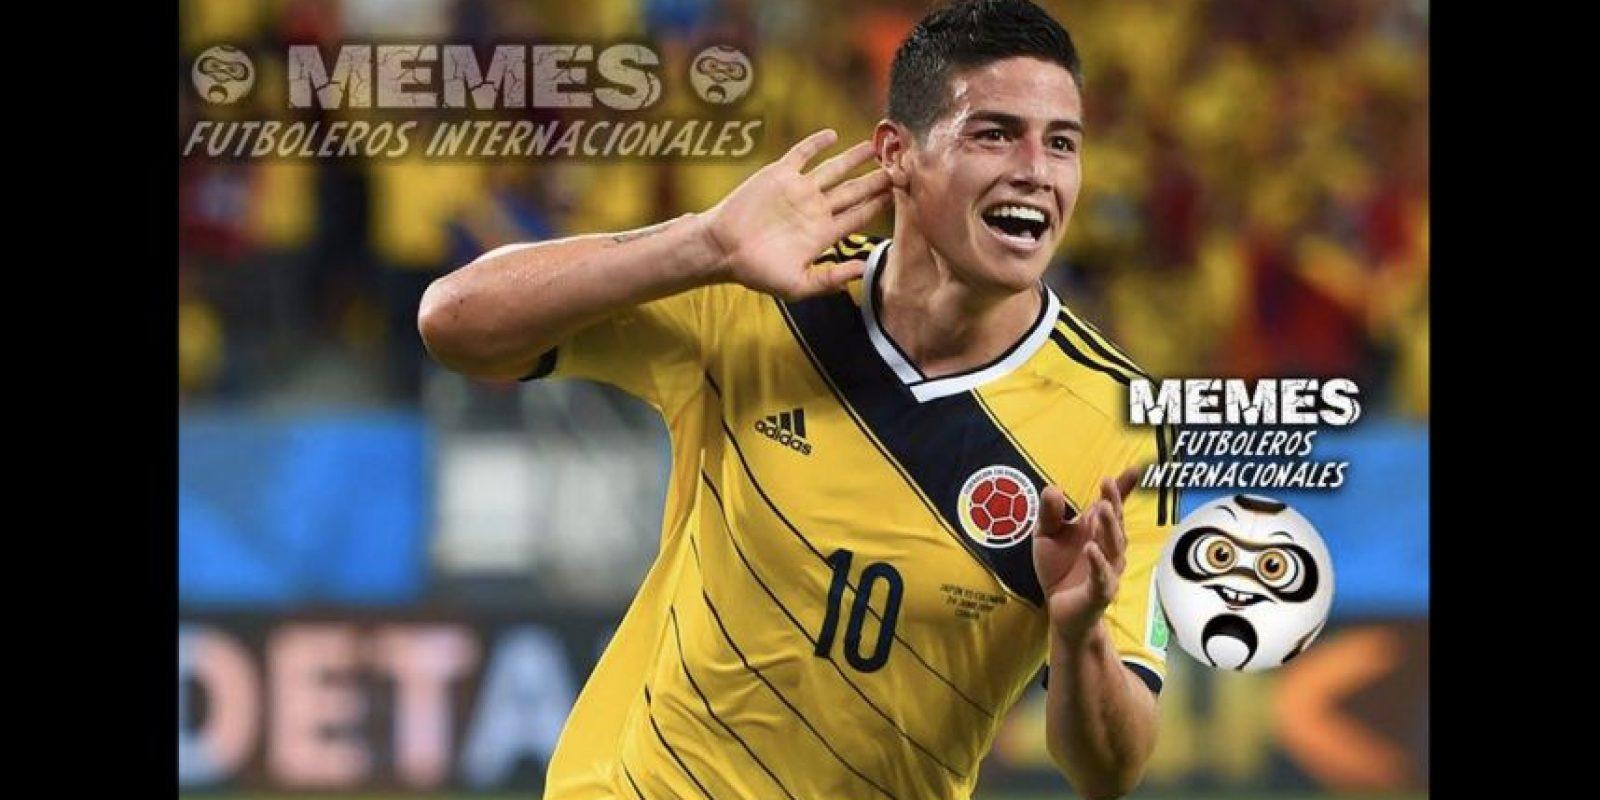 Foto:Vía facebook.com/Memes-Futboleros-Internacionales-785576564852677